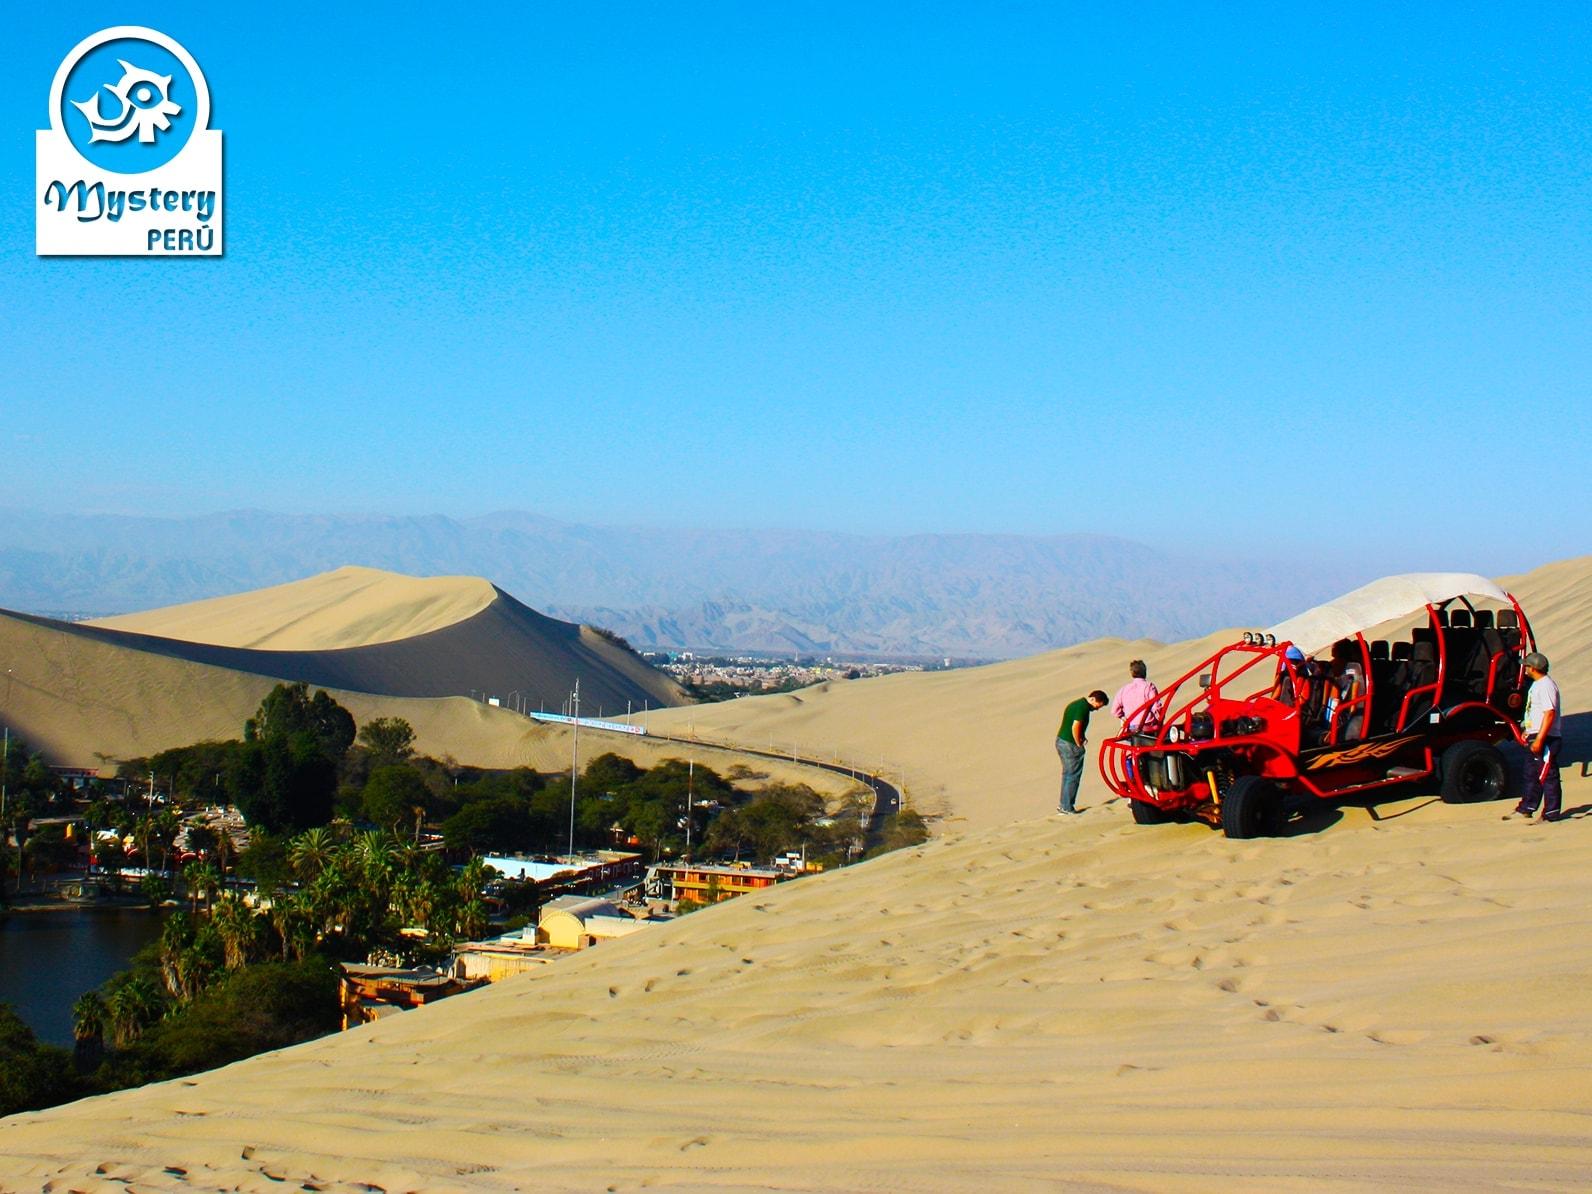 Tour nas Ilhas Ballestas, Paracas, Huacachina e as Linhas de Nasca